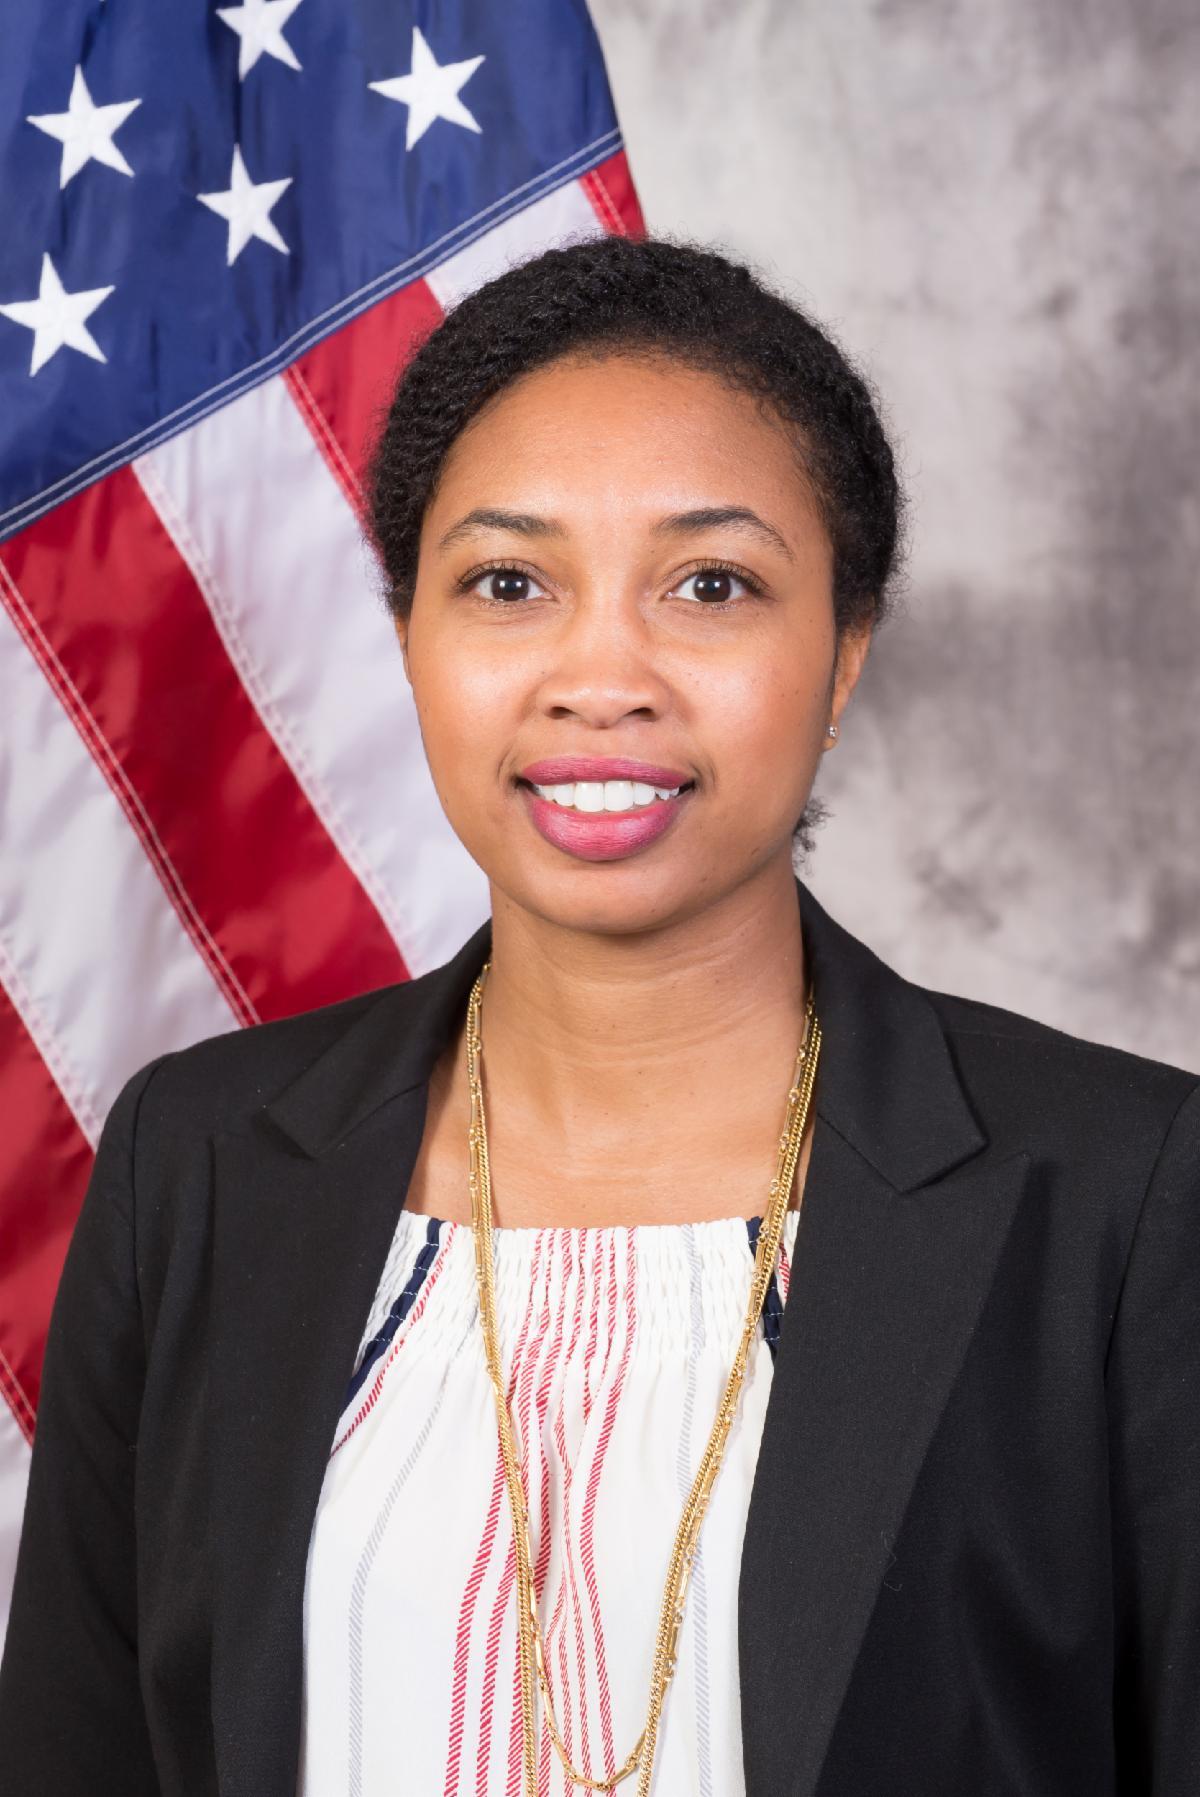 Rashanda Johnson